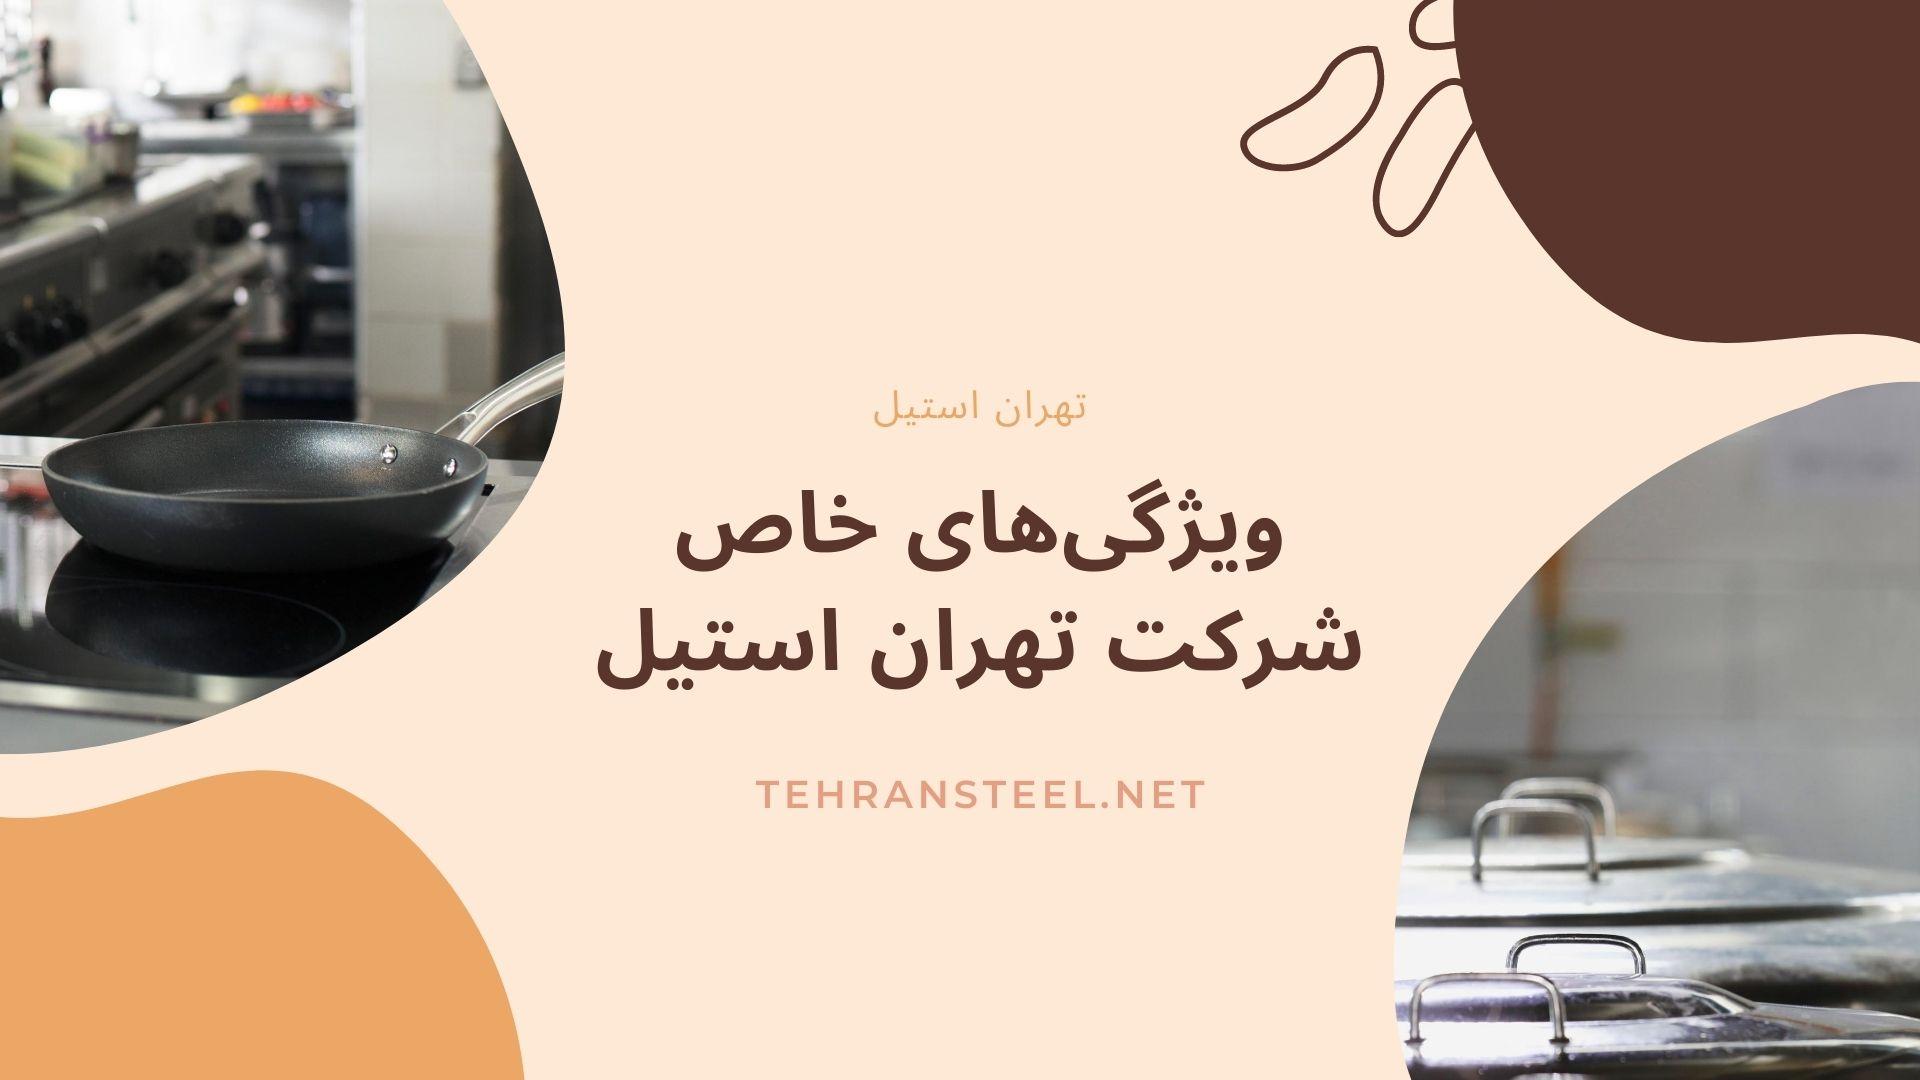 ویژگیهای خاص شرکت تهران استیل